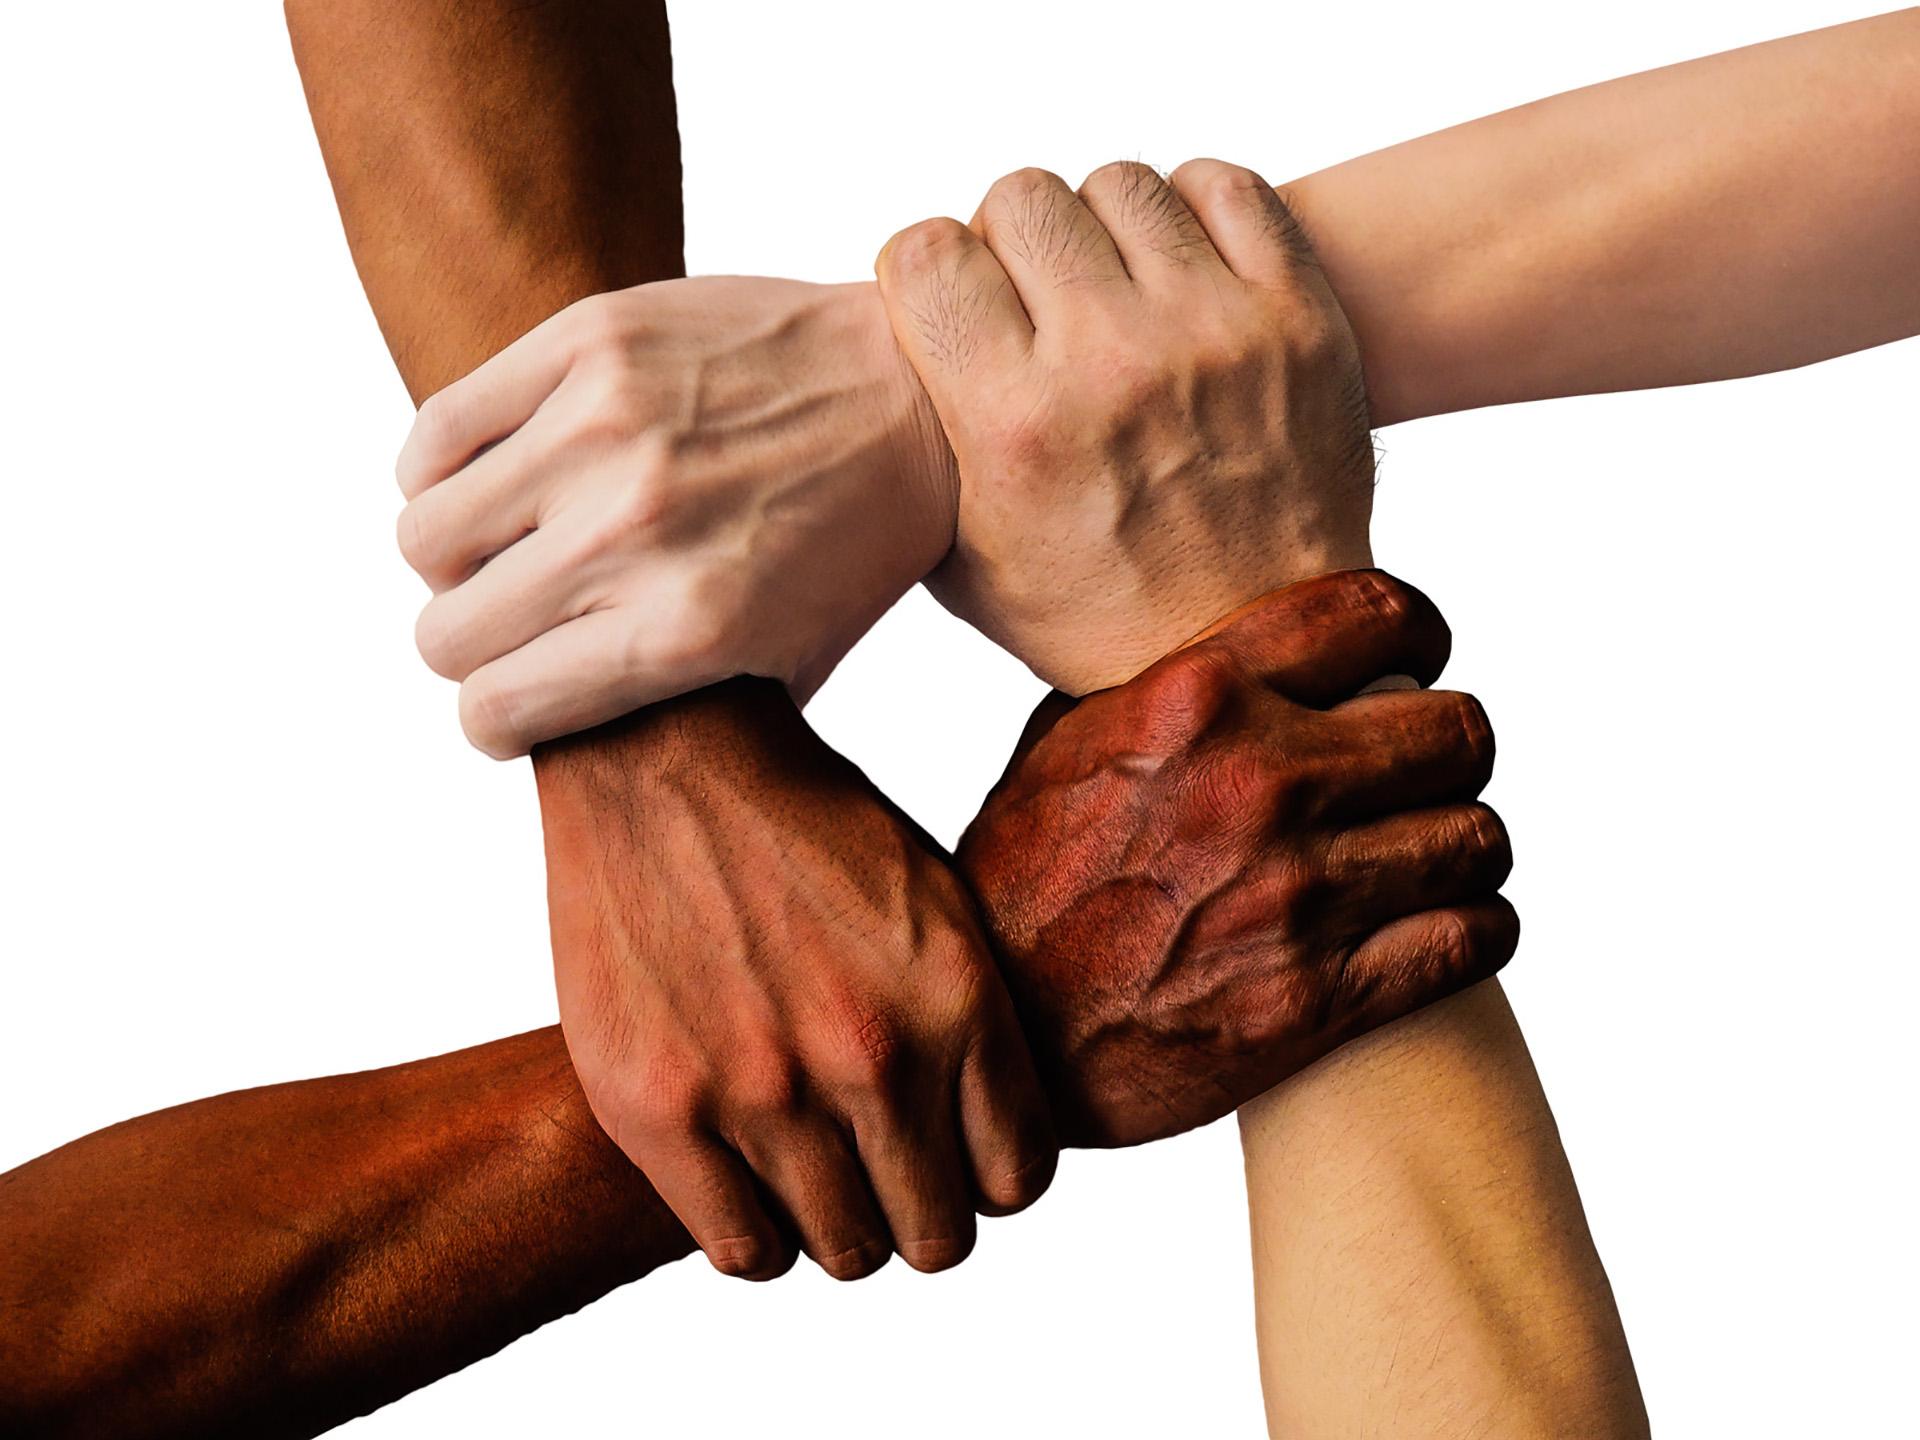 contratti-di-solidarietà-mani_02